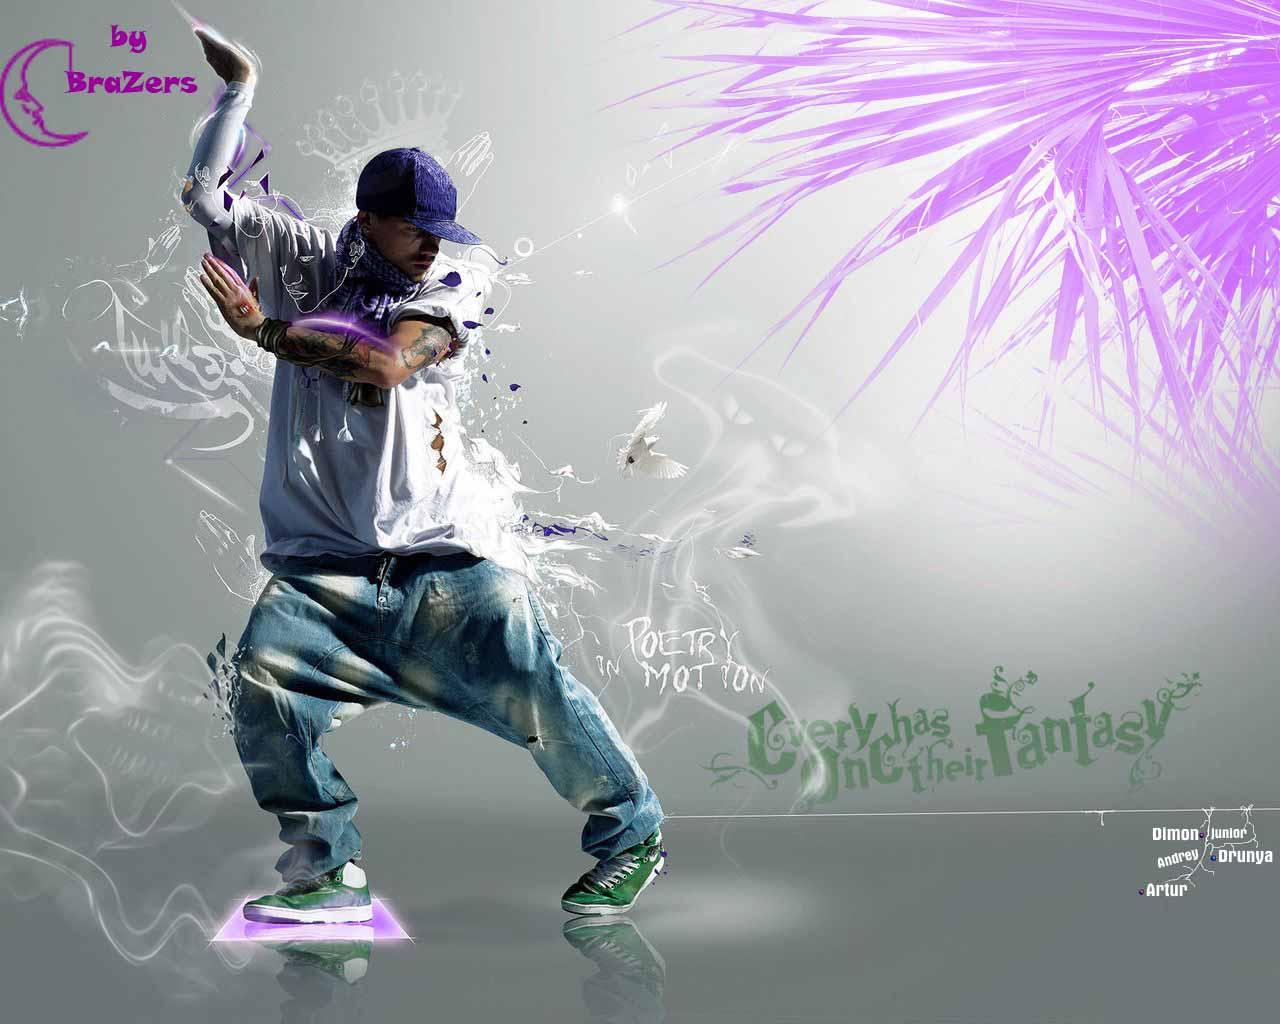 Поздравление учителю в стиле рэпа